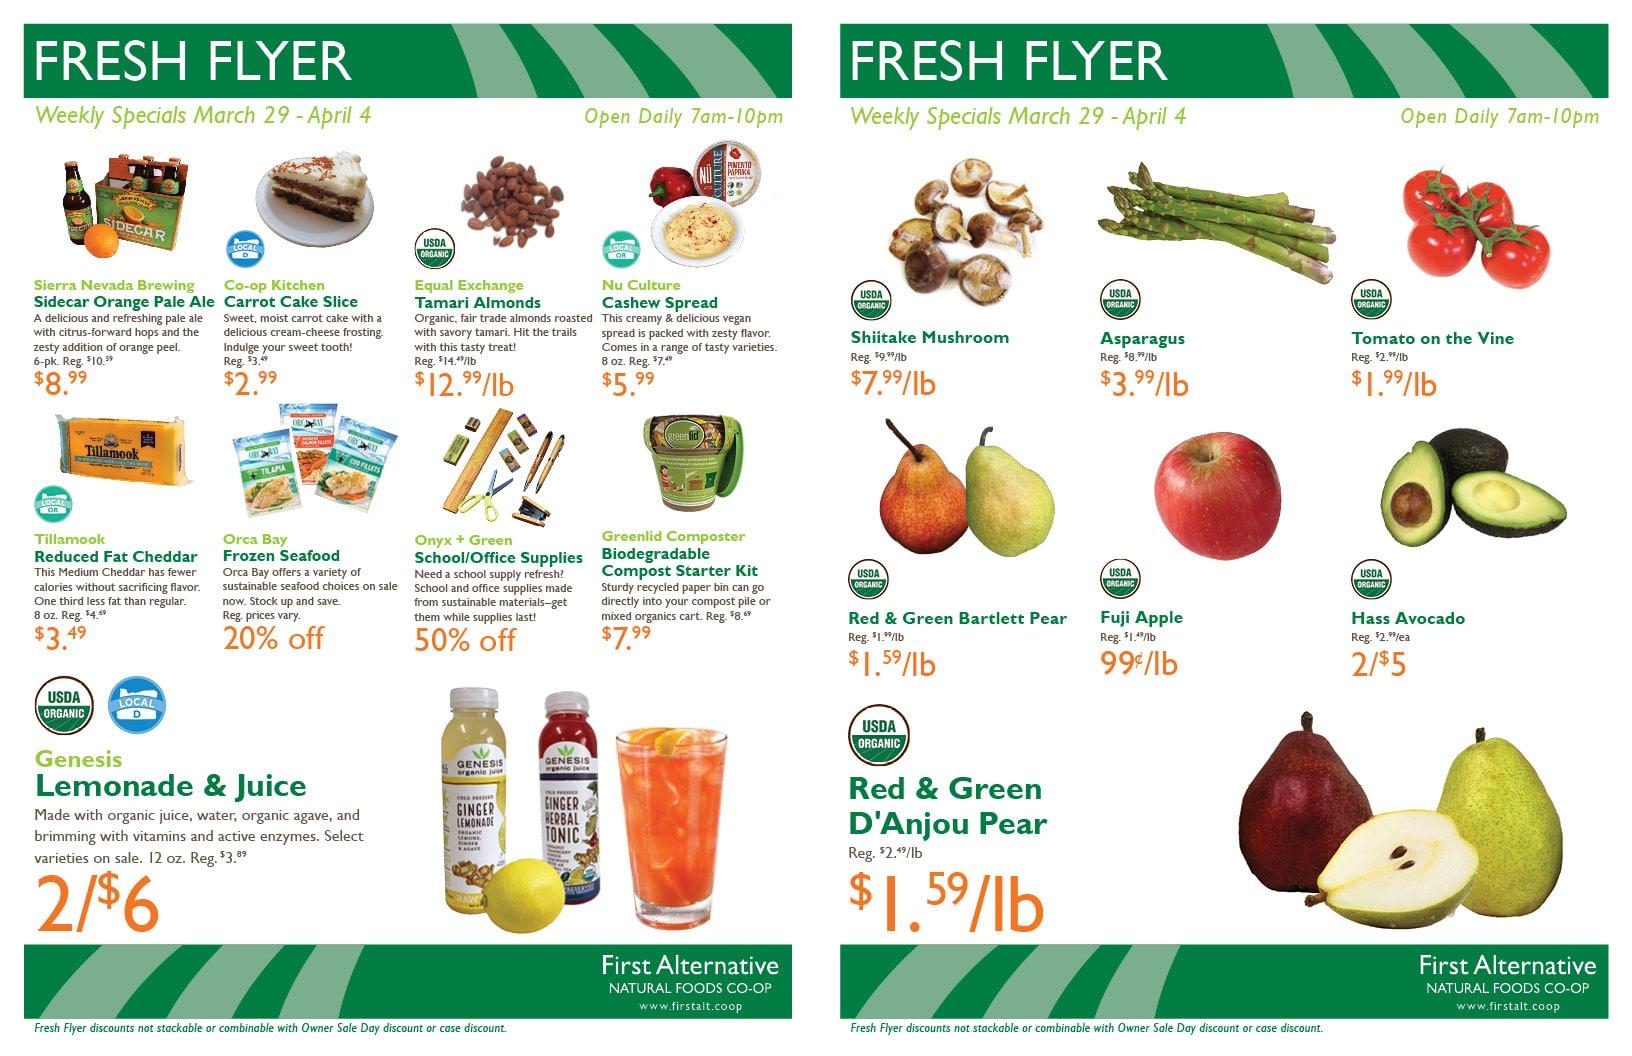 First Alternative Fresh Flyer Mar 29-Apr 4